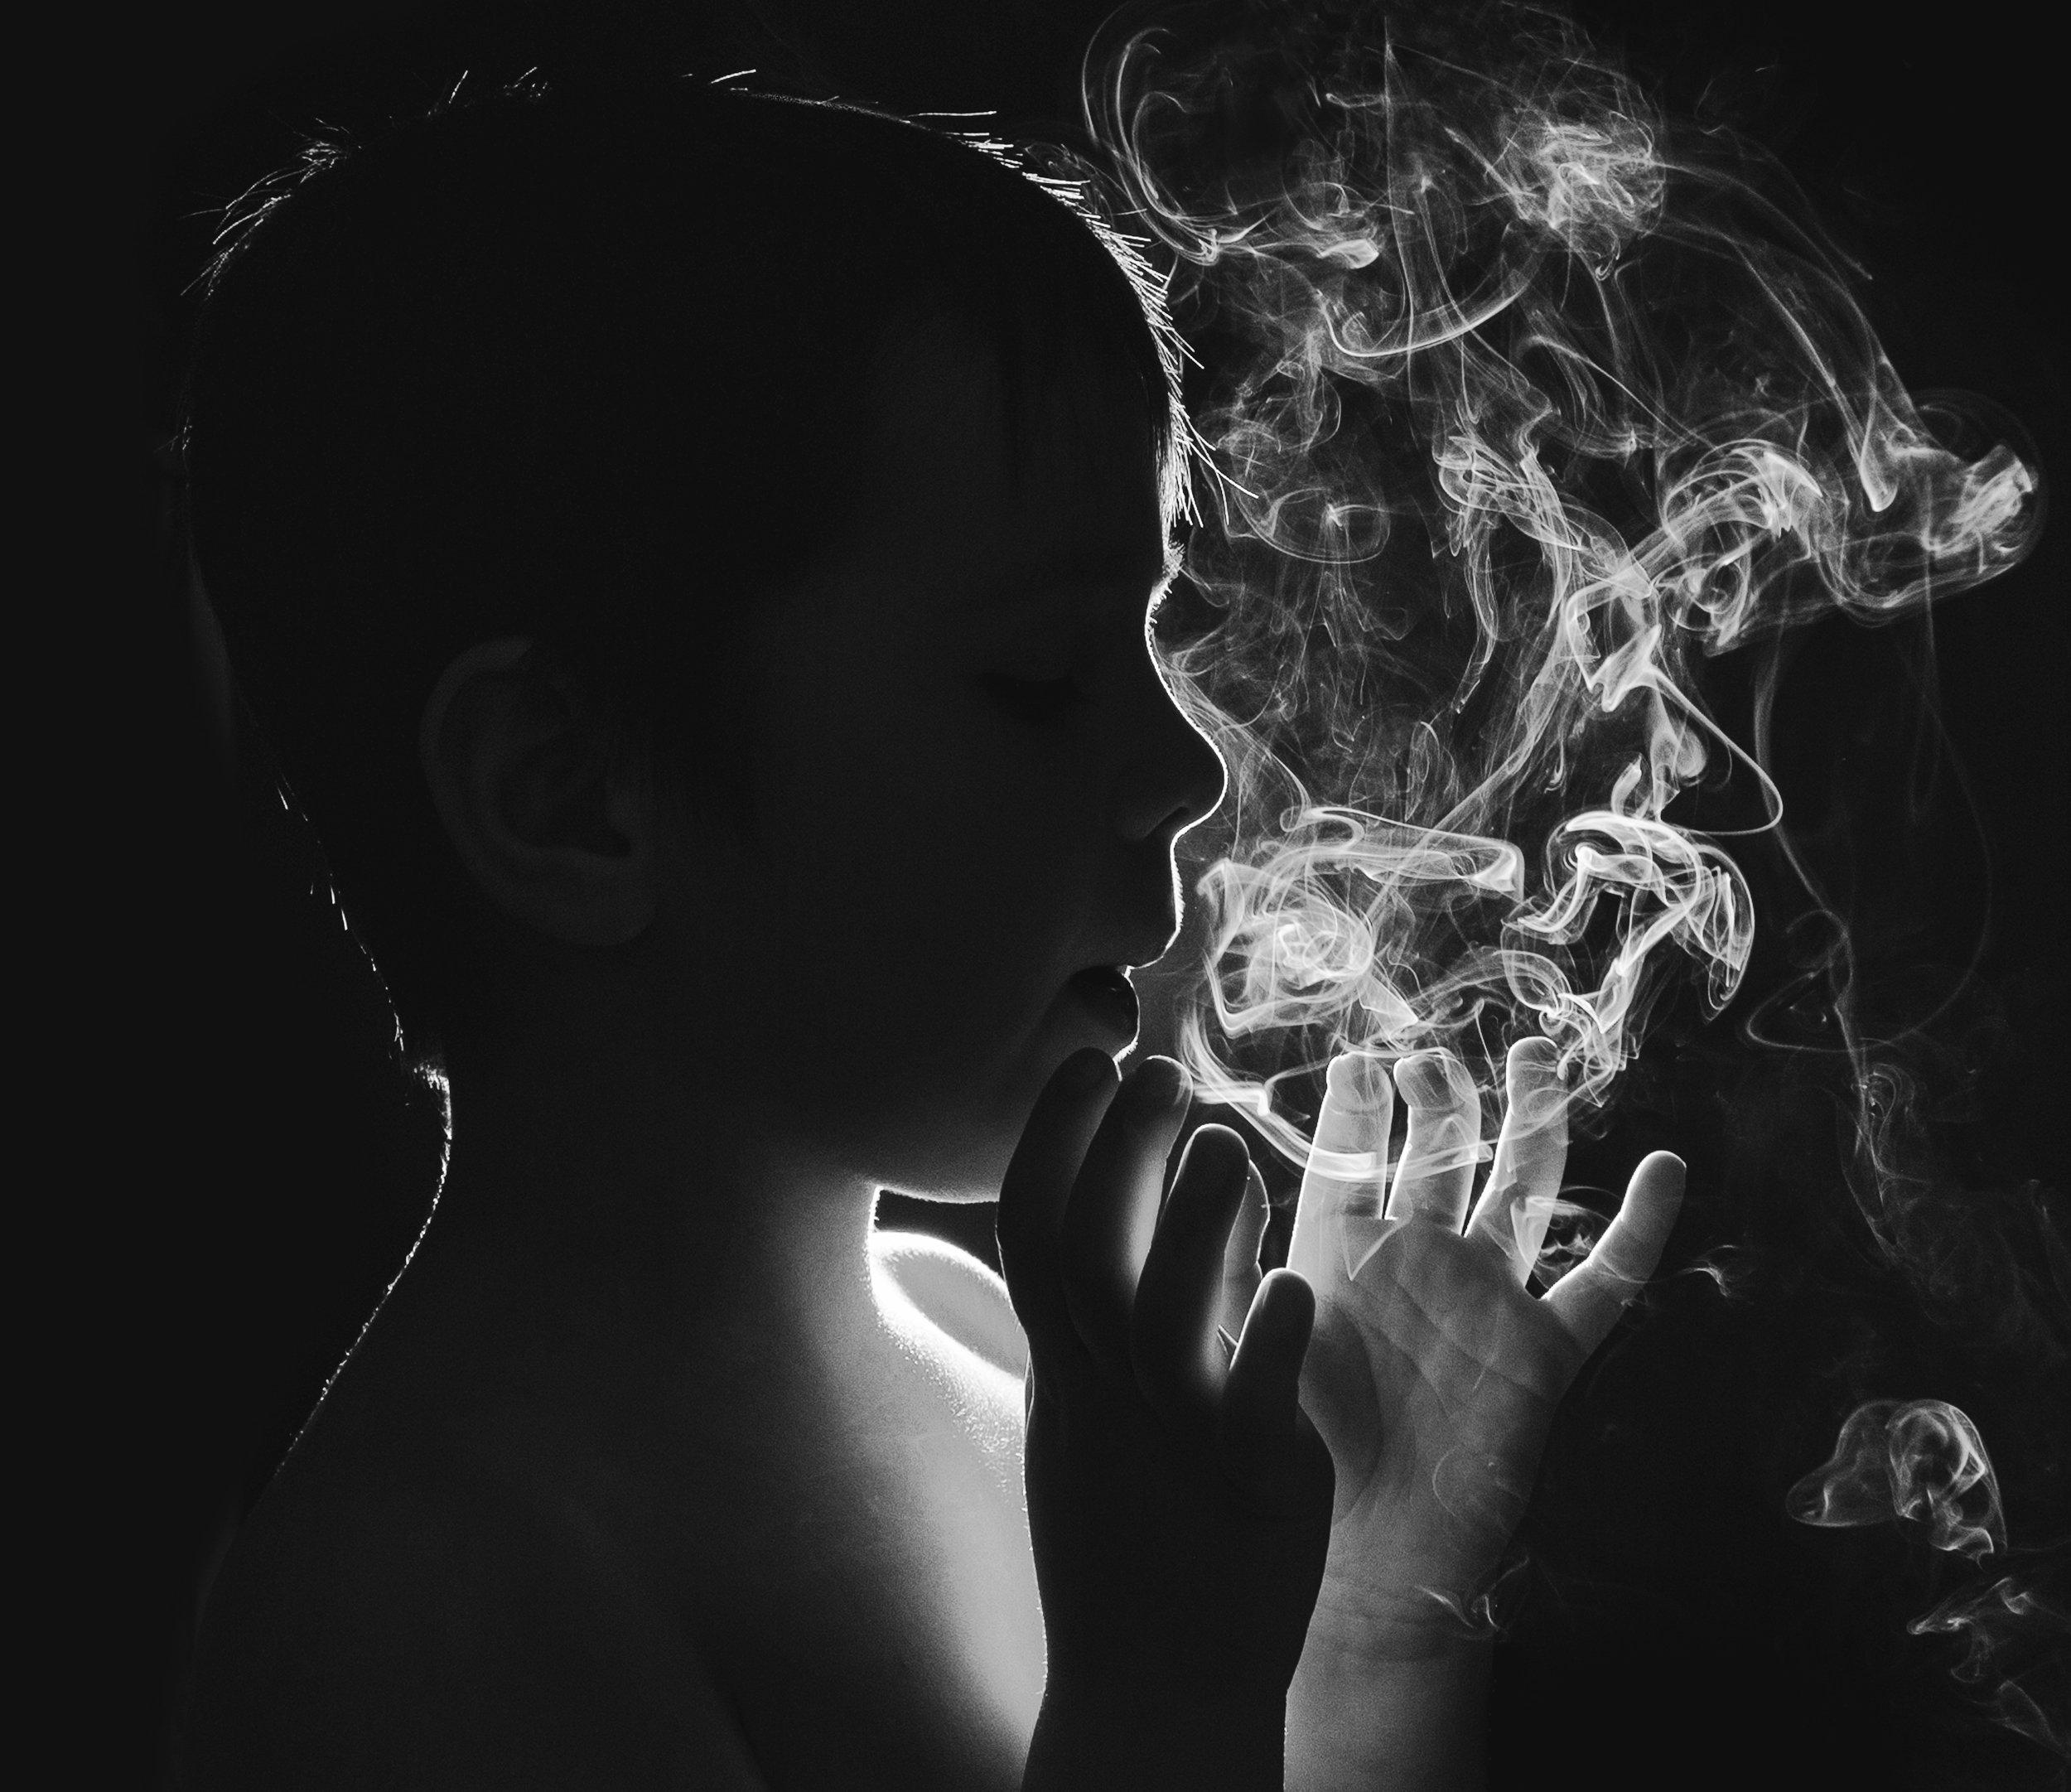 ребёнок,дым,игра,чёрно-белое,силуэт,контур, Володин Владимир